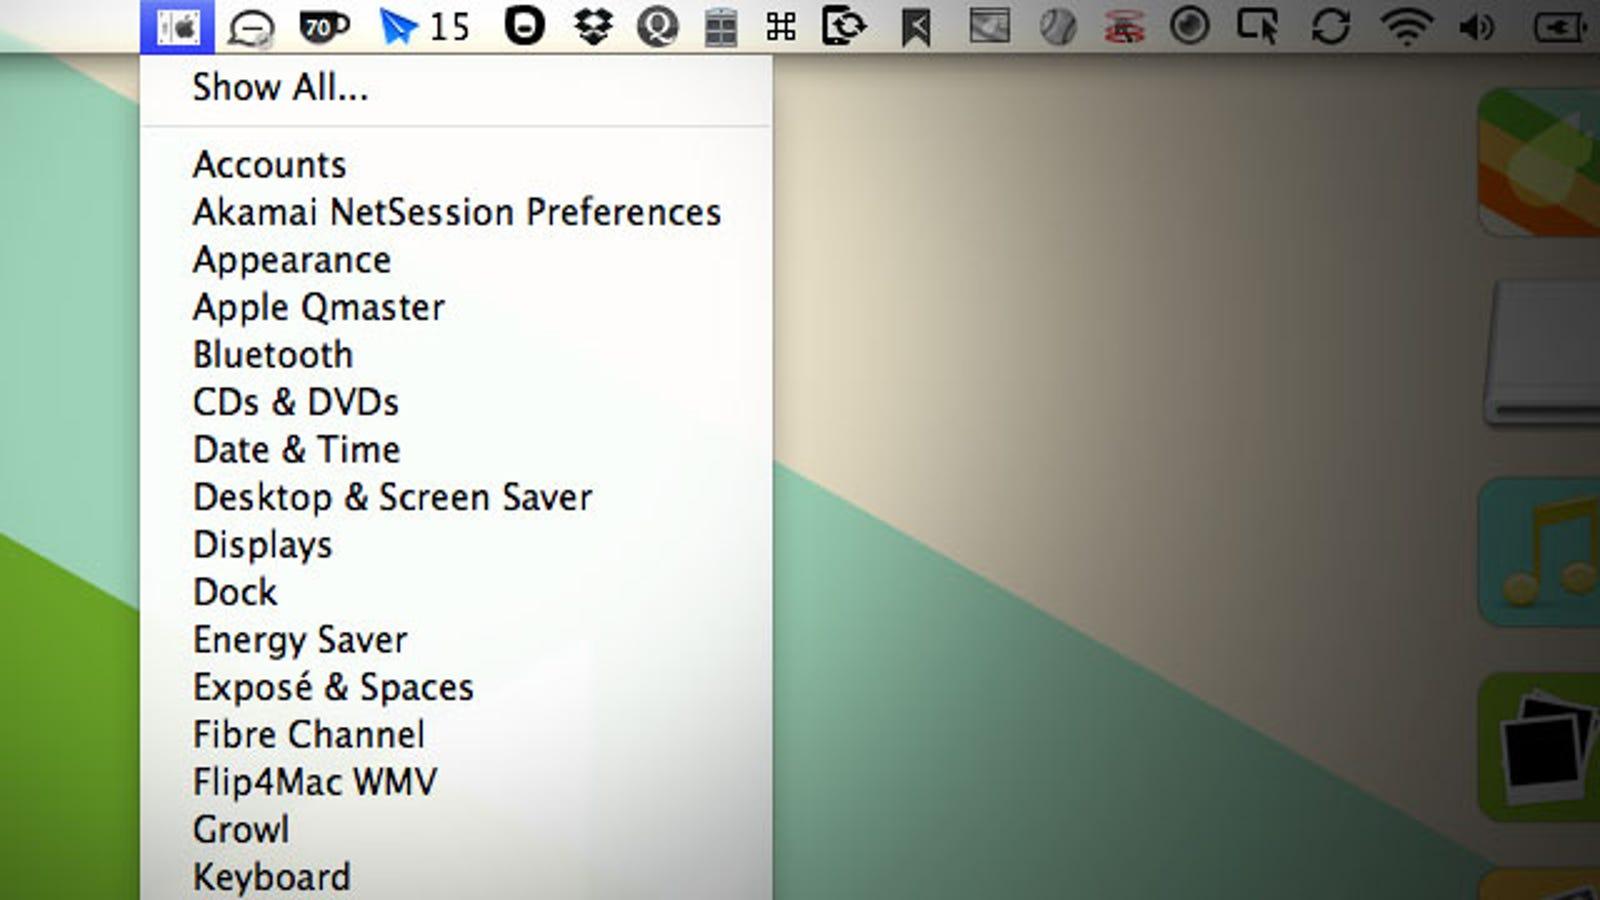 akamai netsession download mac